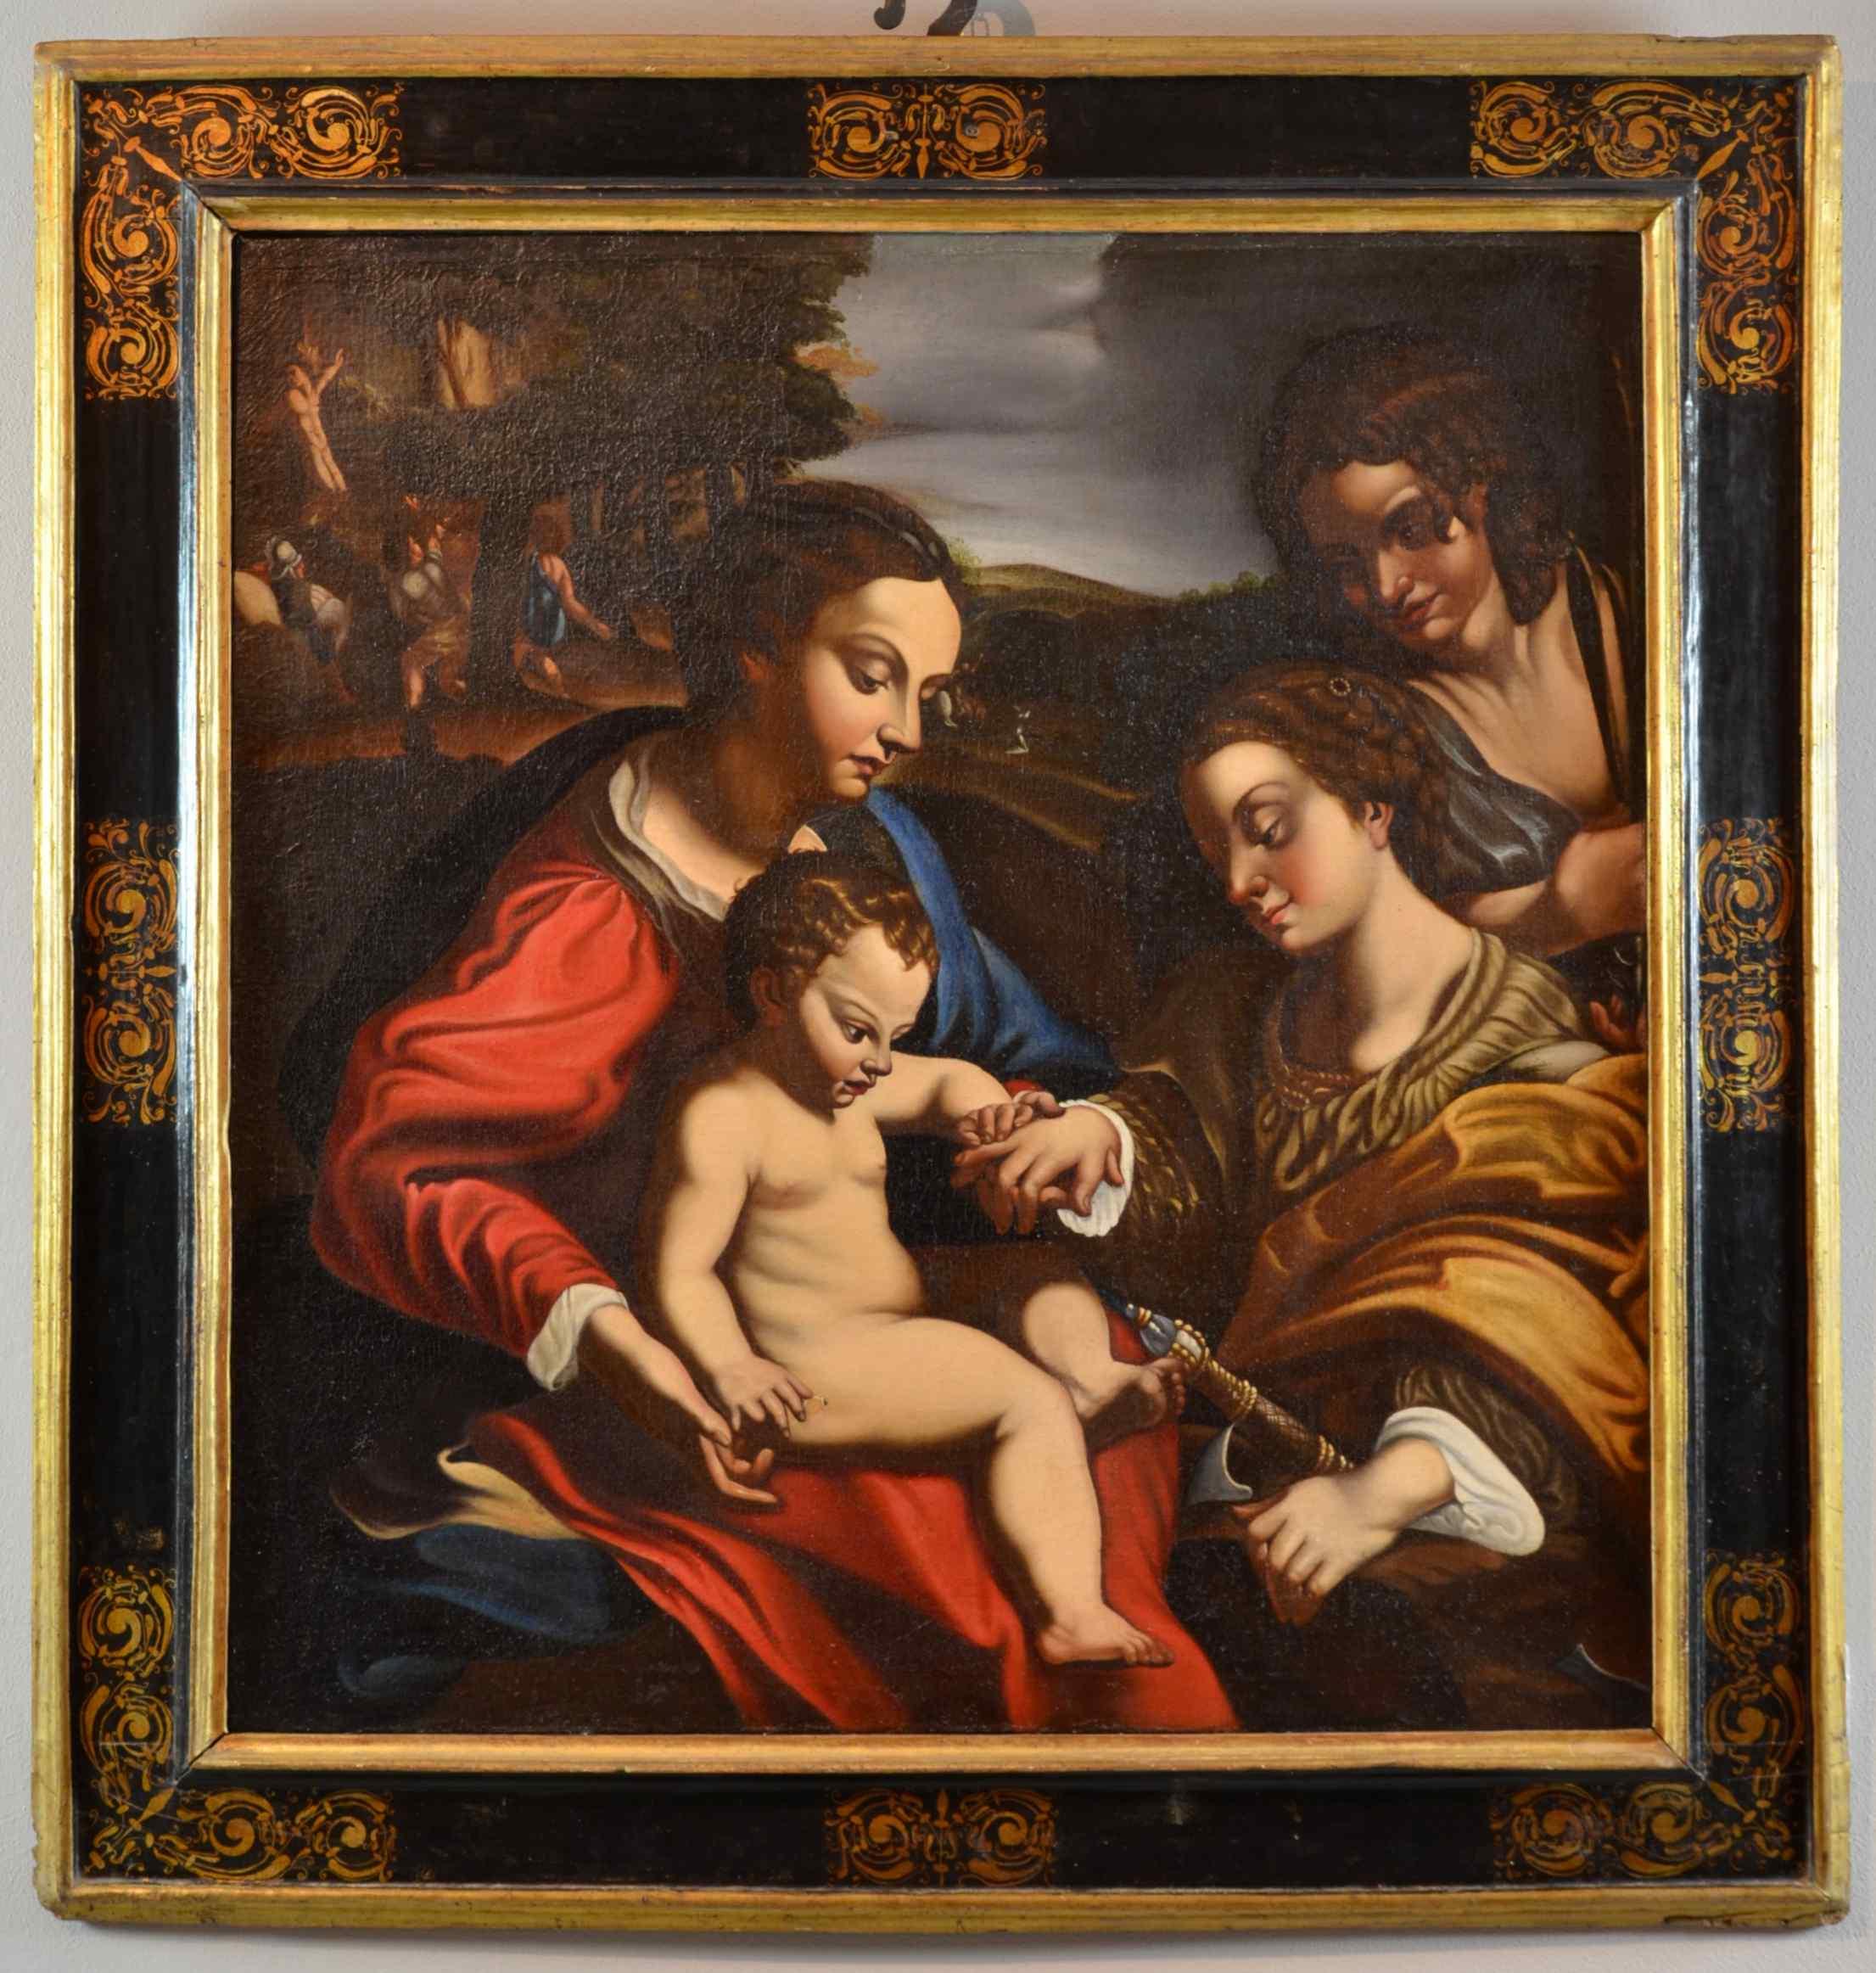 Mariage Mystique De Sainte-catherine d'Alexandrie